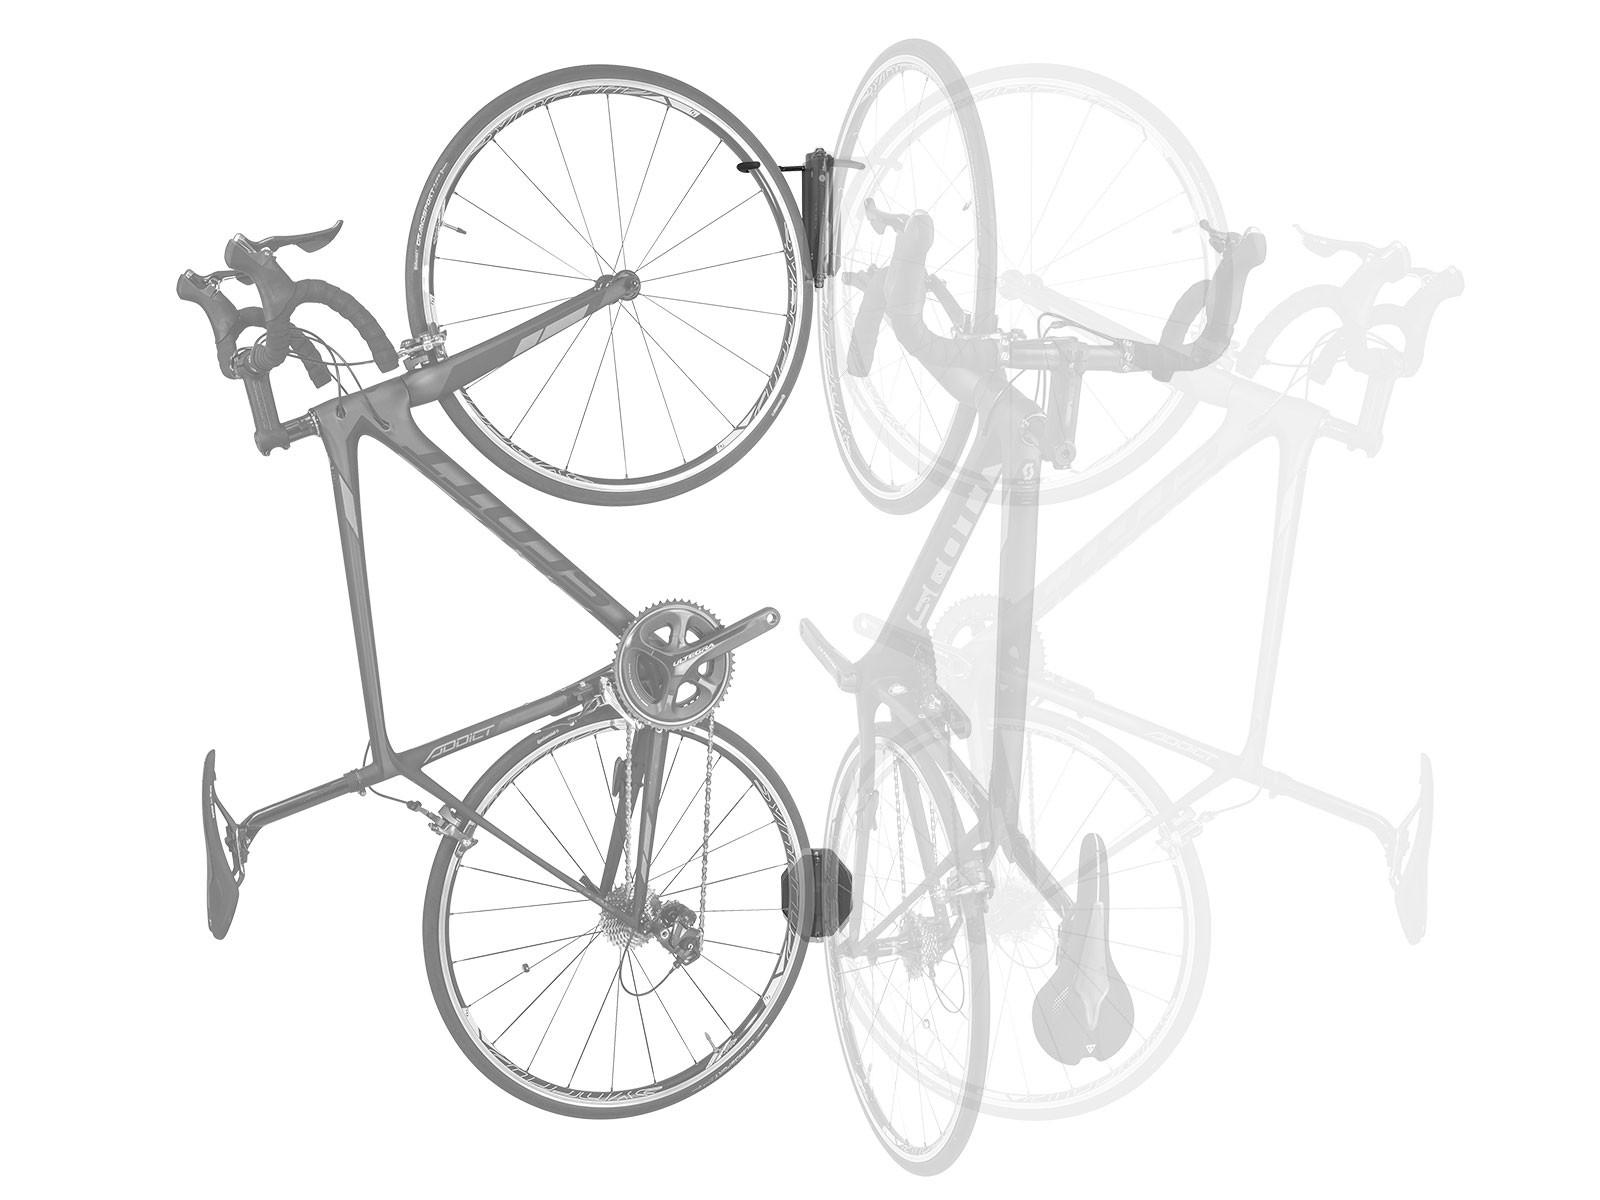 1600x1200 Up Ex Bike Holder Topeak